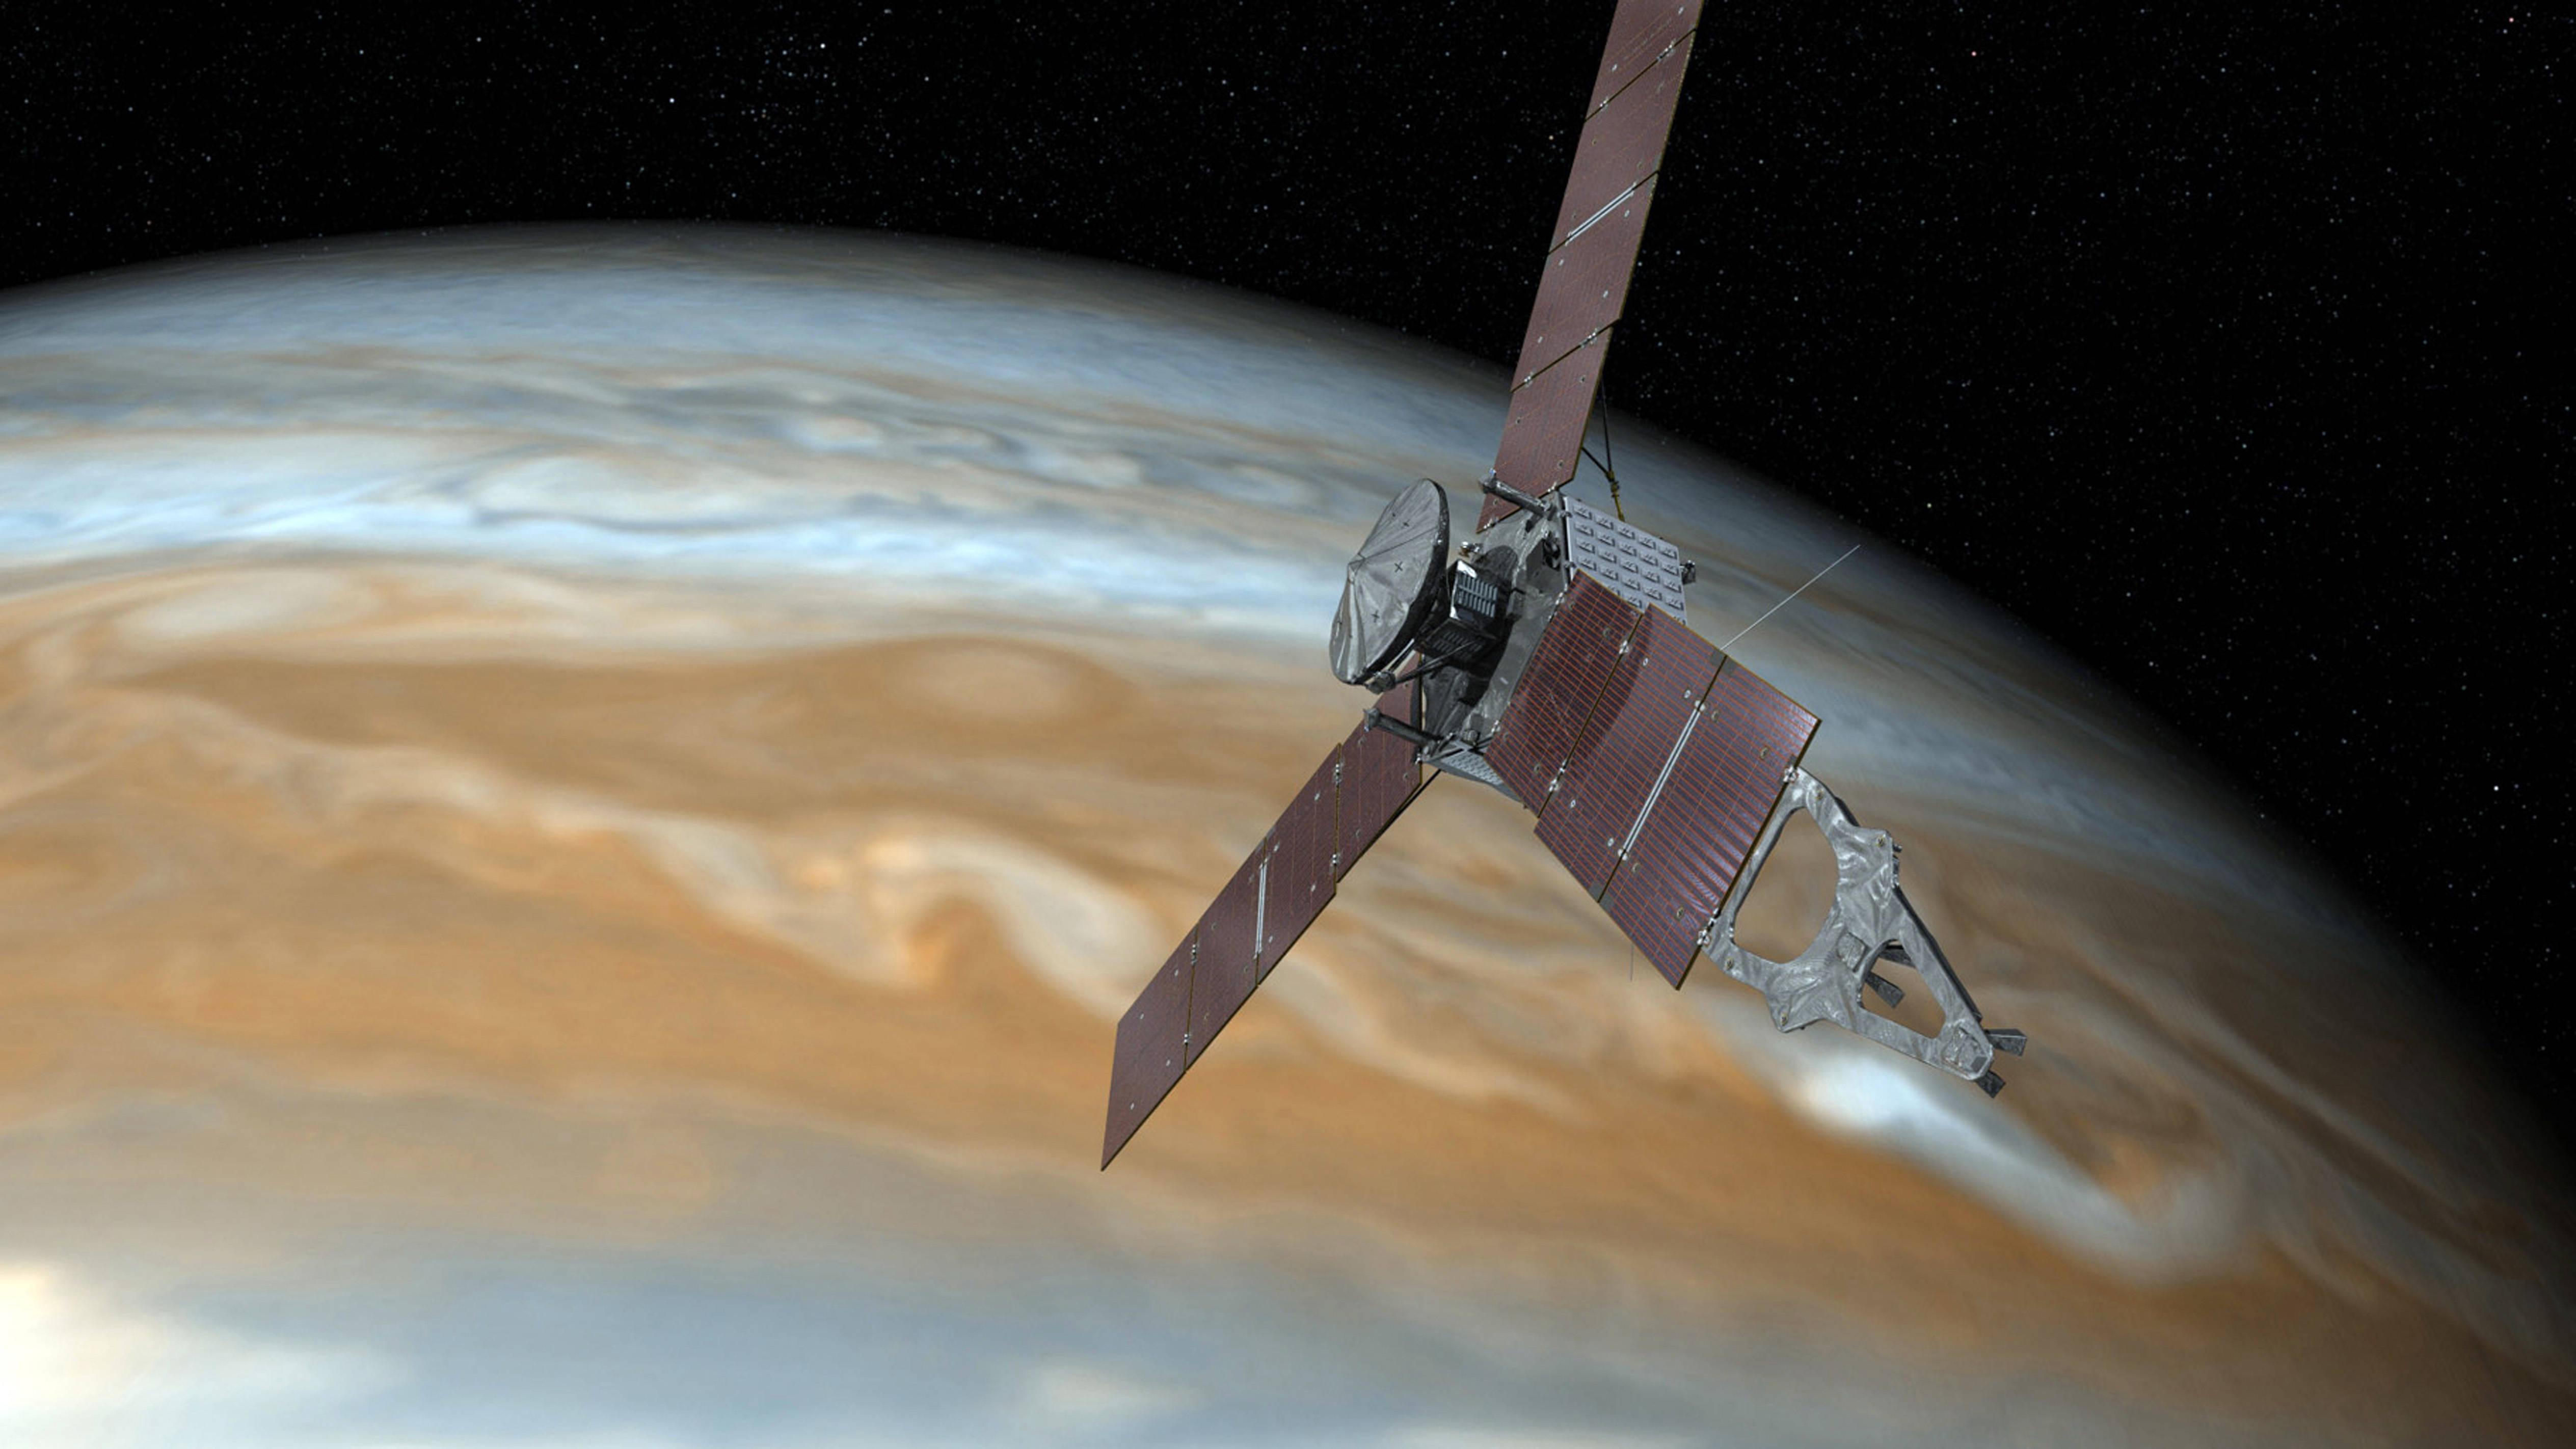 Juno, sonda espacial que orbita Júpiter presenta problema